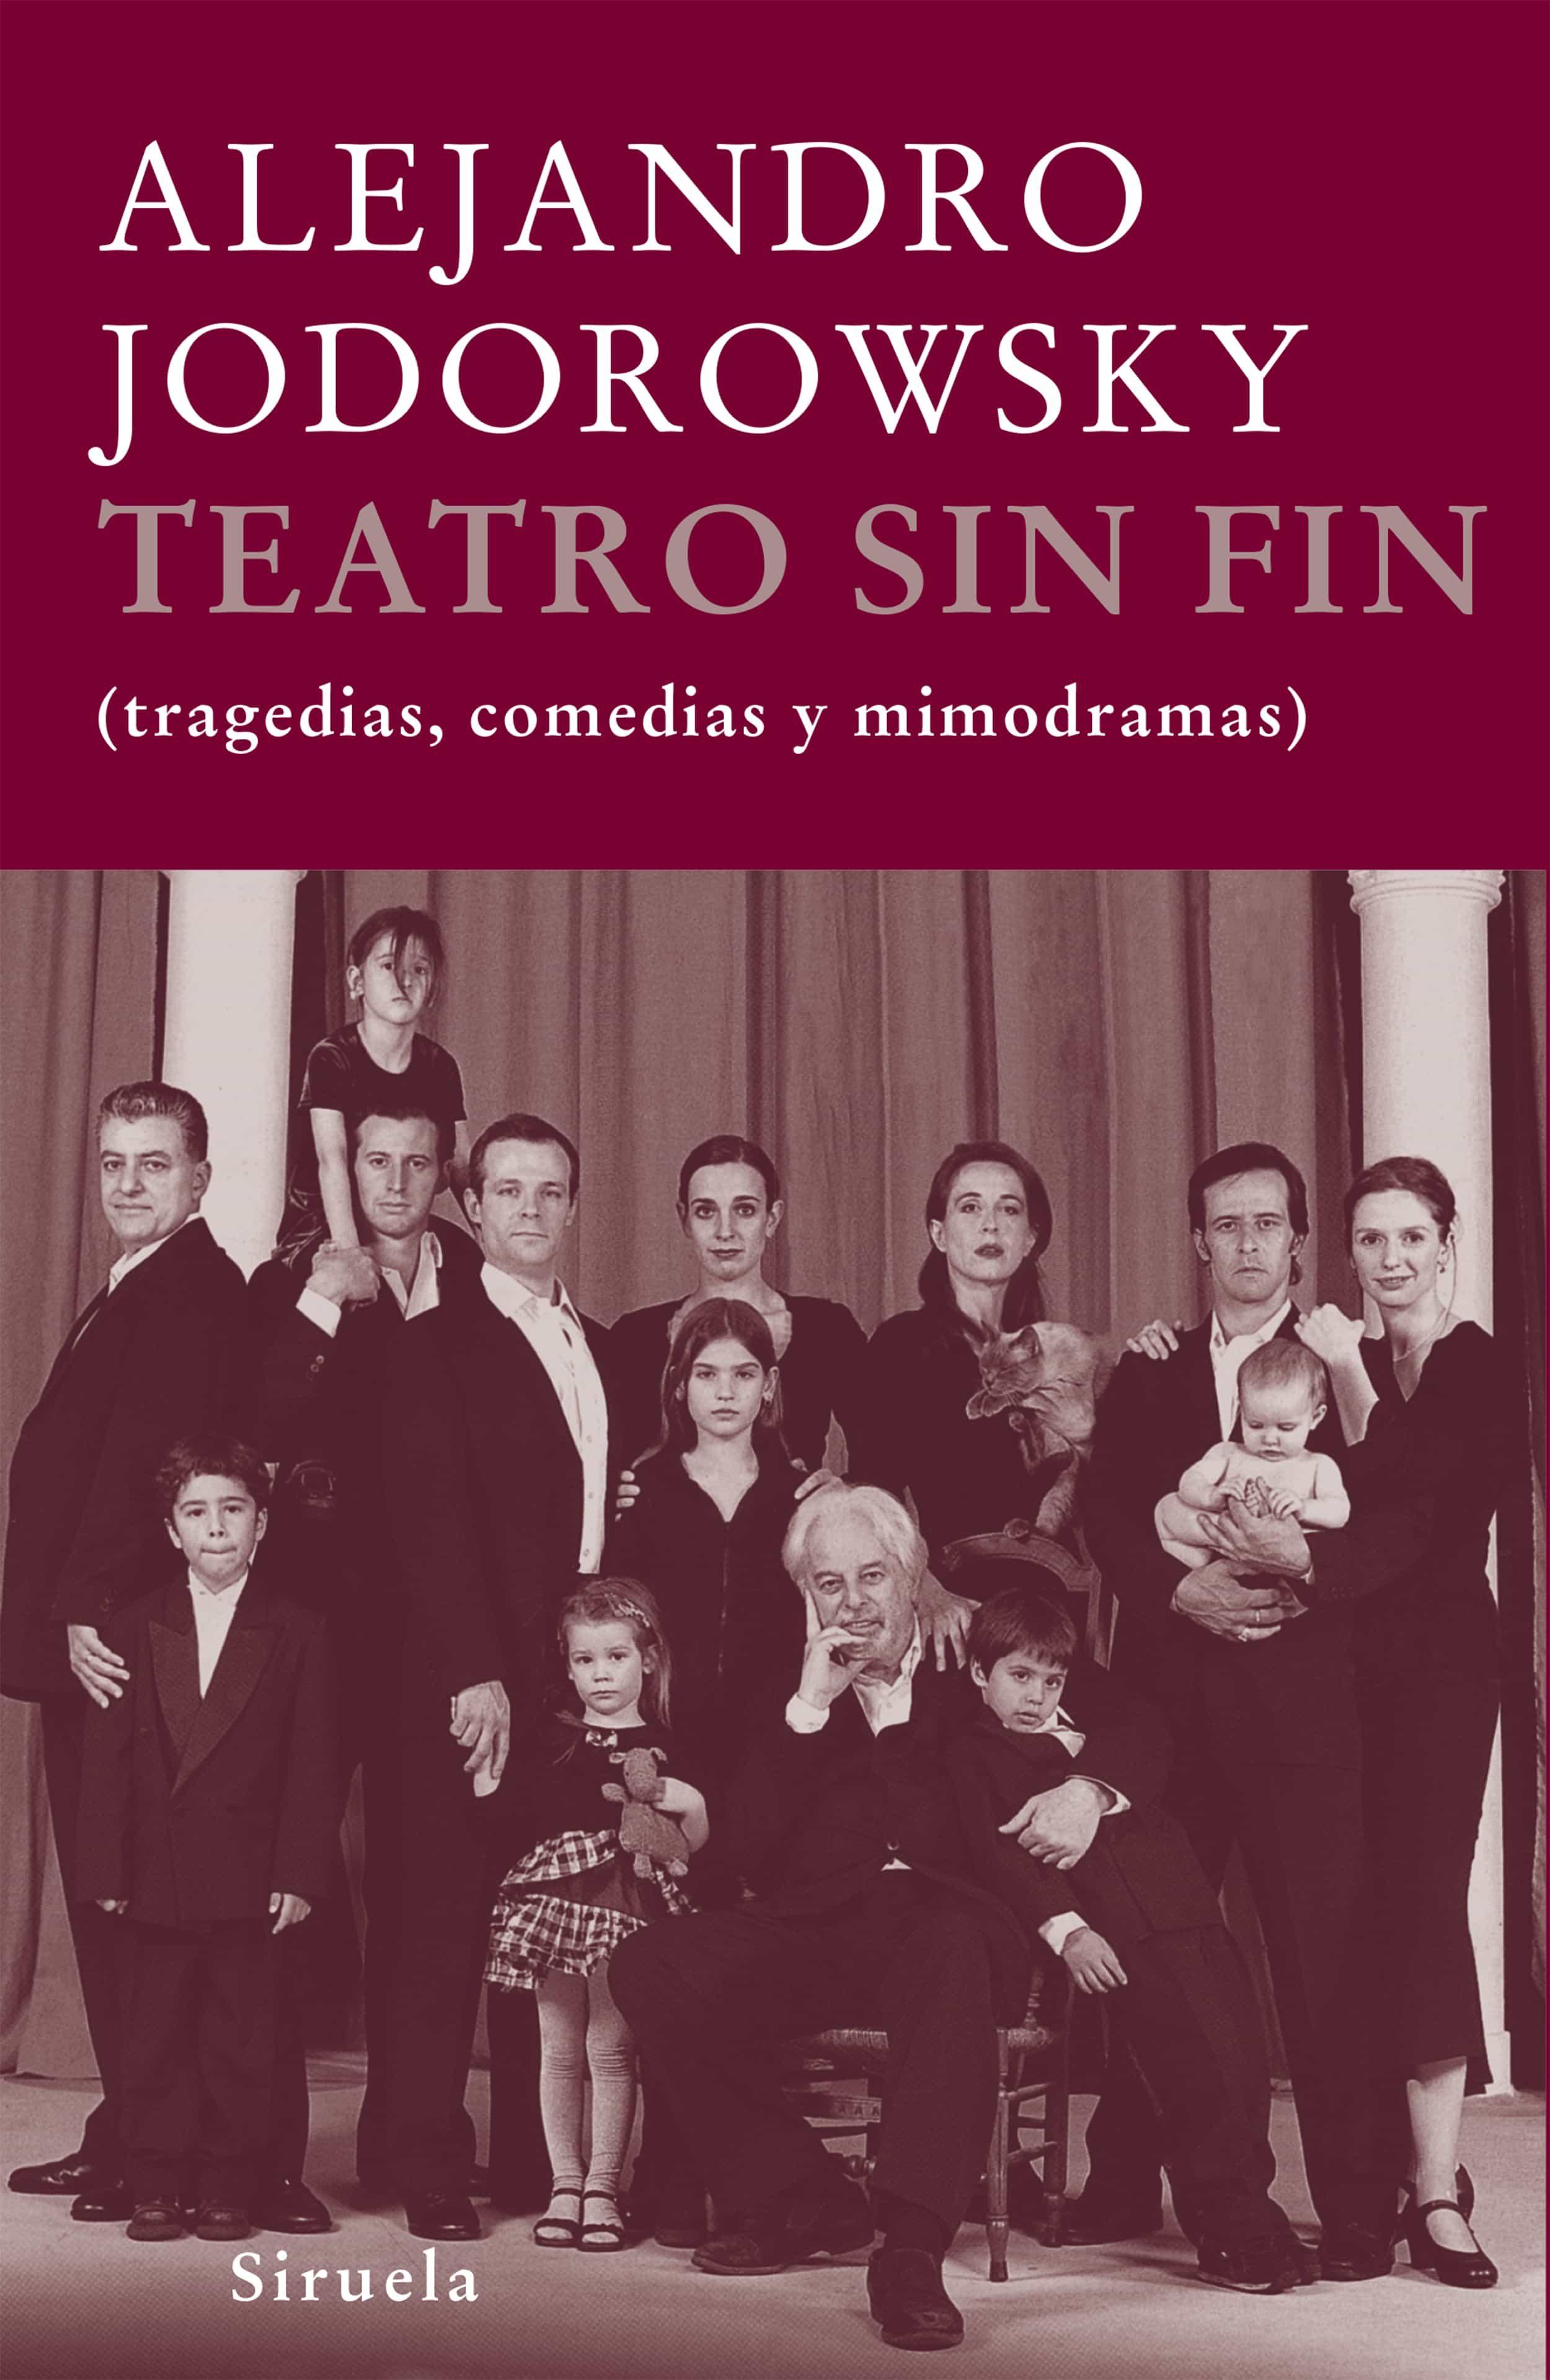 Teatro Sin Fin (tragedias Comedias Mimodramas) (incluye Dvd) - Jodorowsky Alejandro